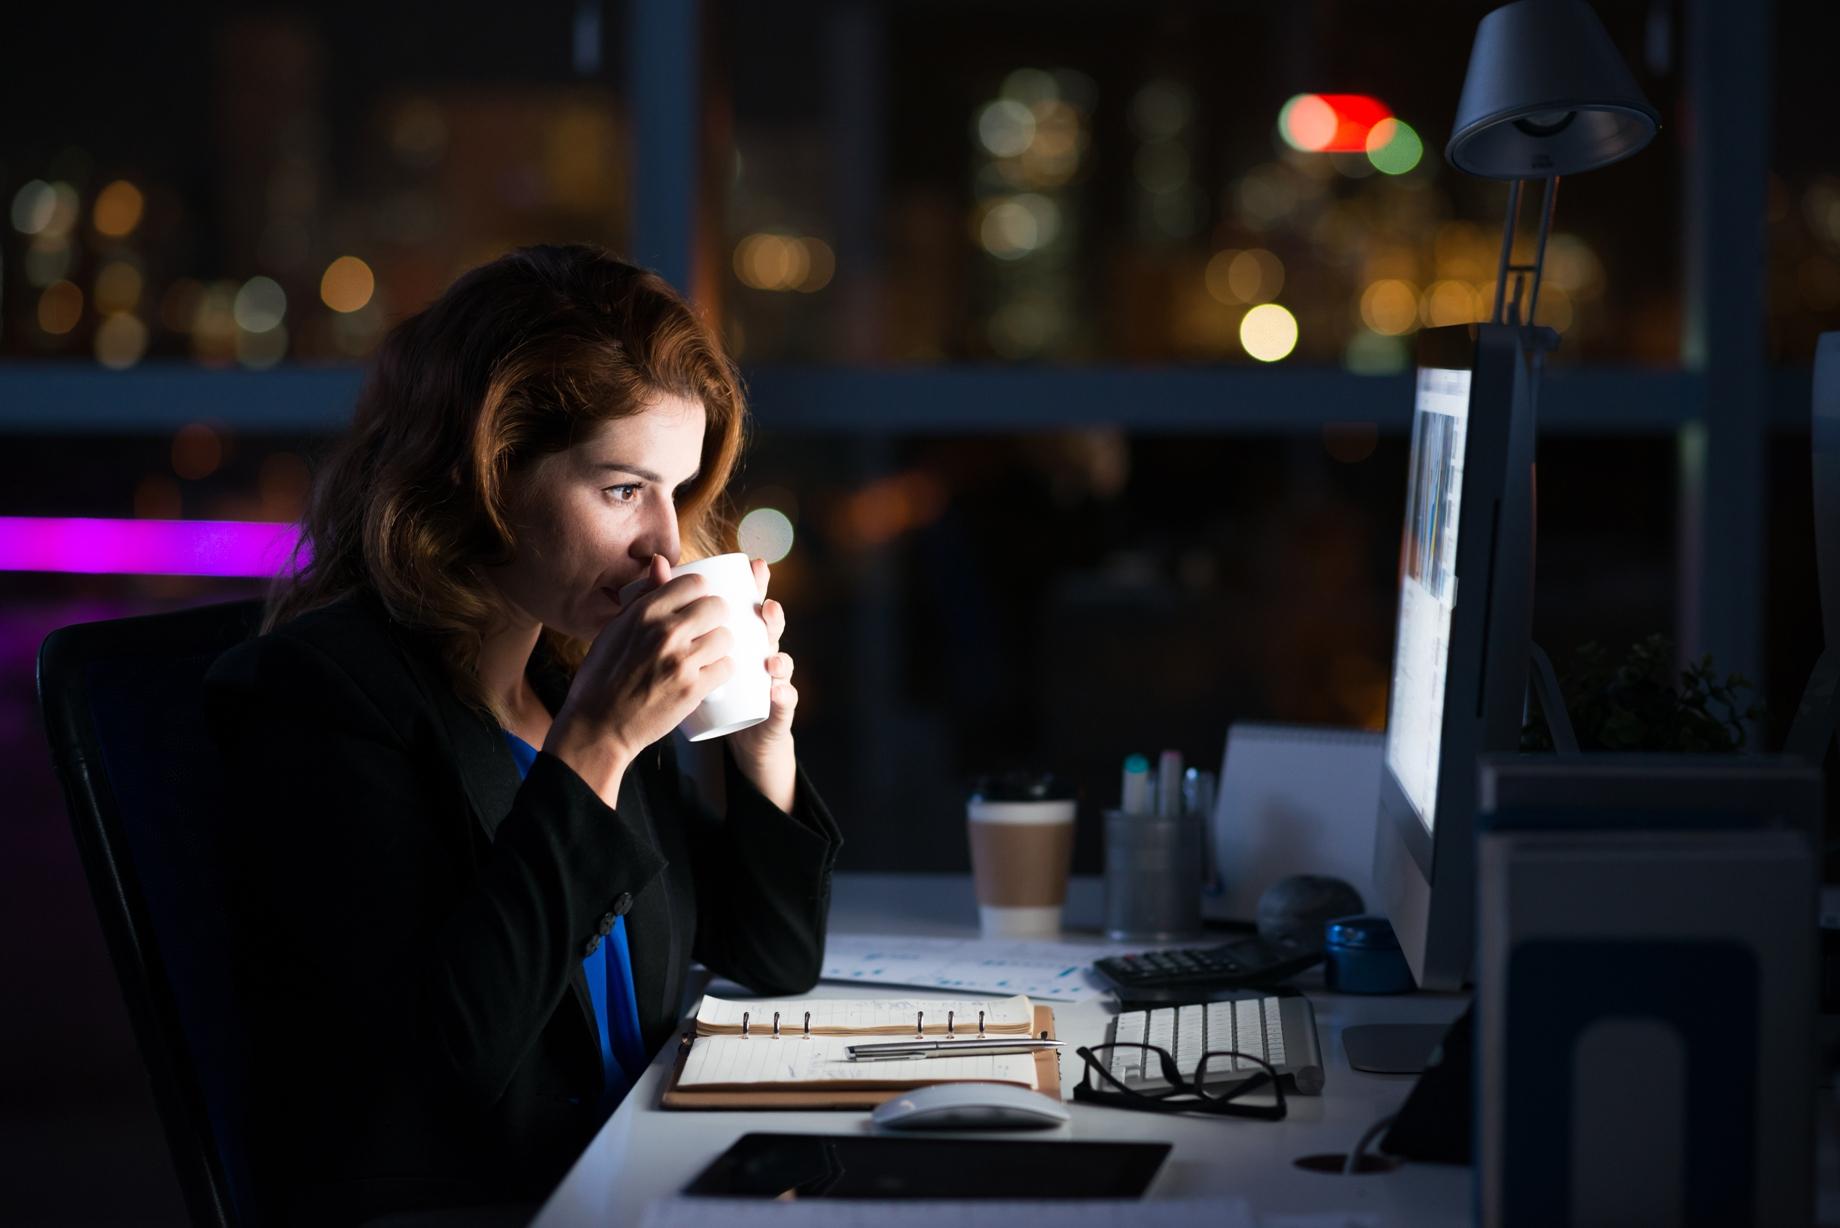 残業が増える決算時期に備える!今からできる業務効率化テクニック